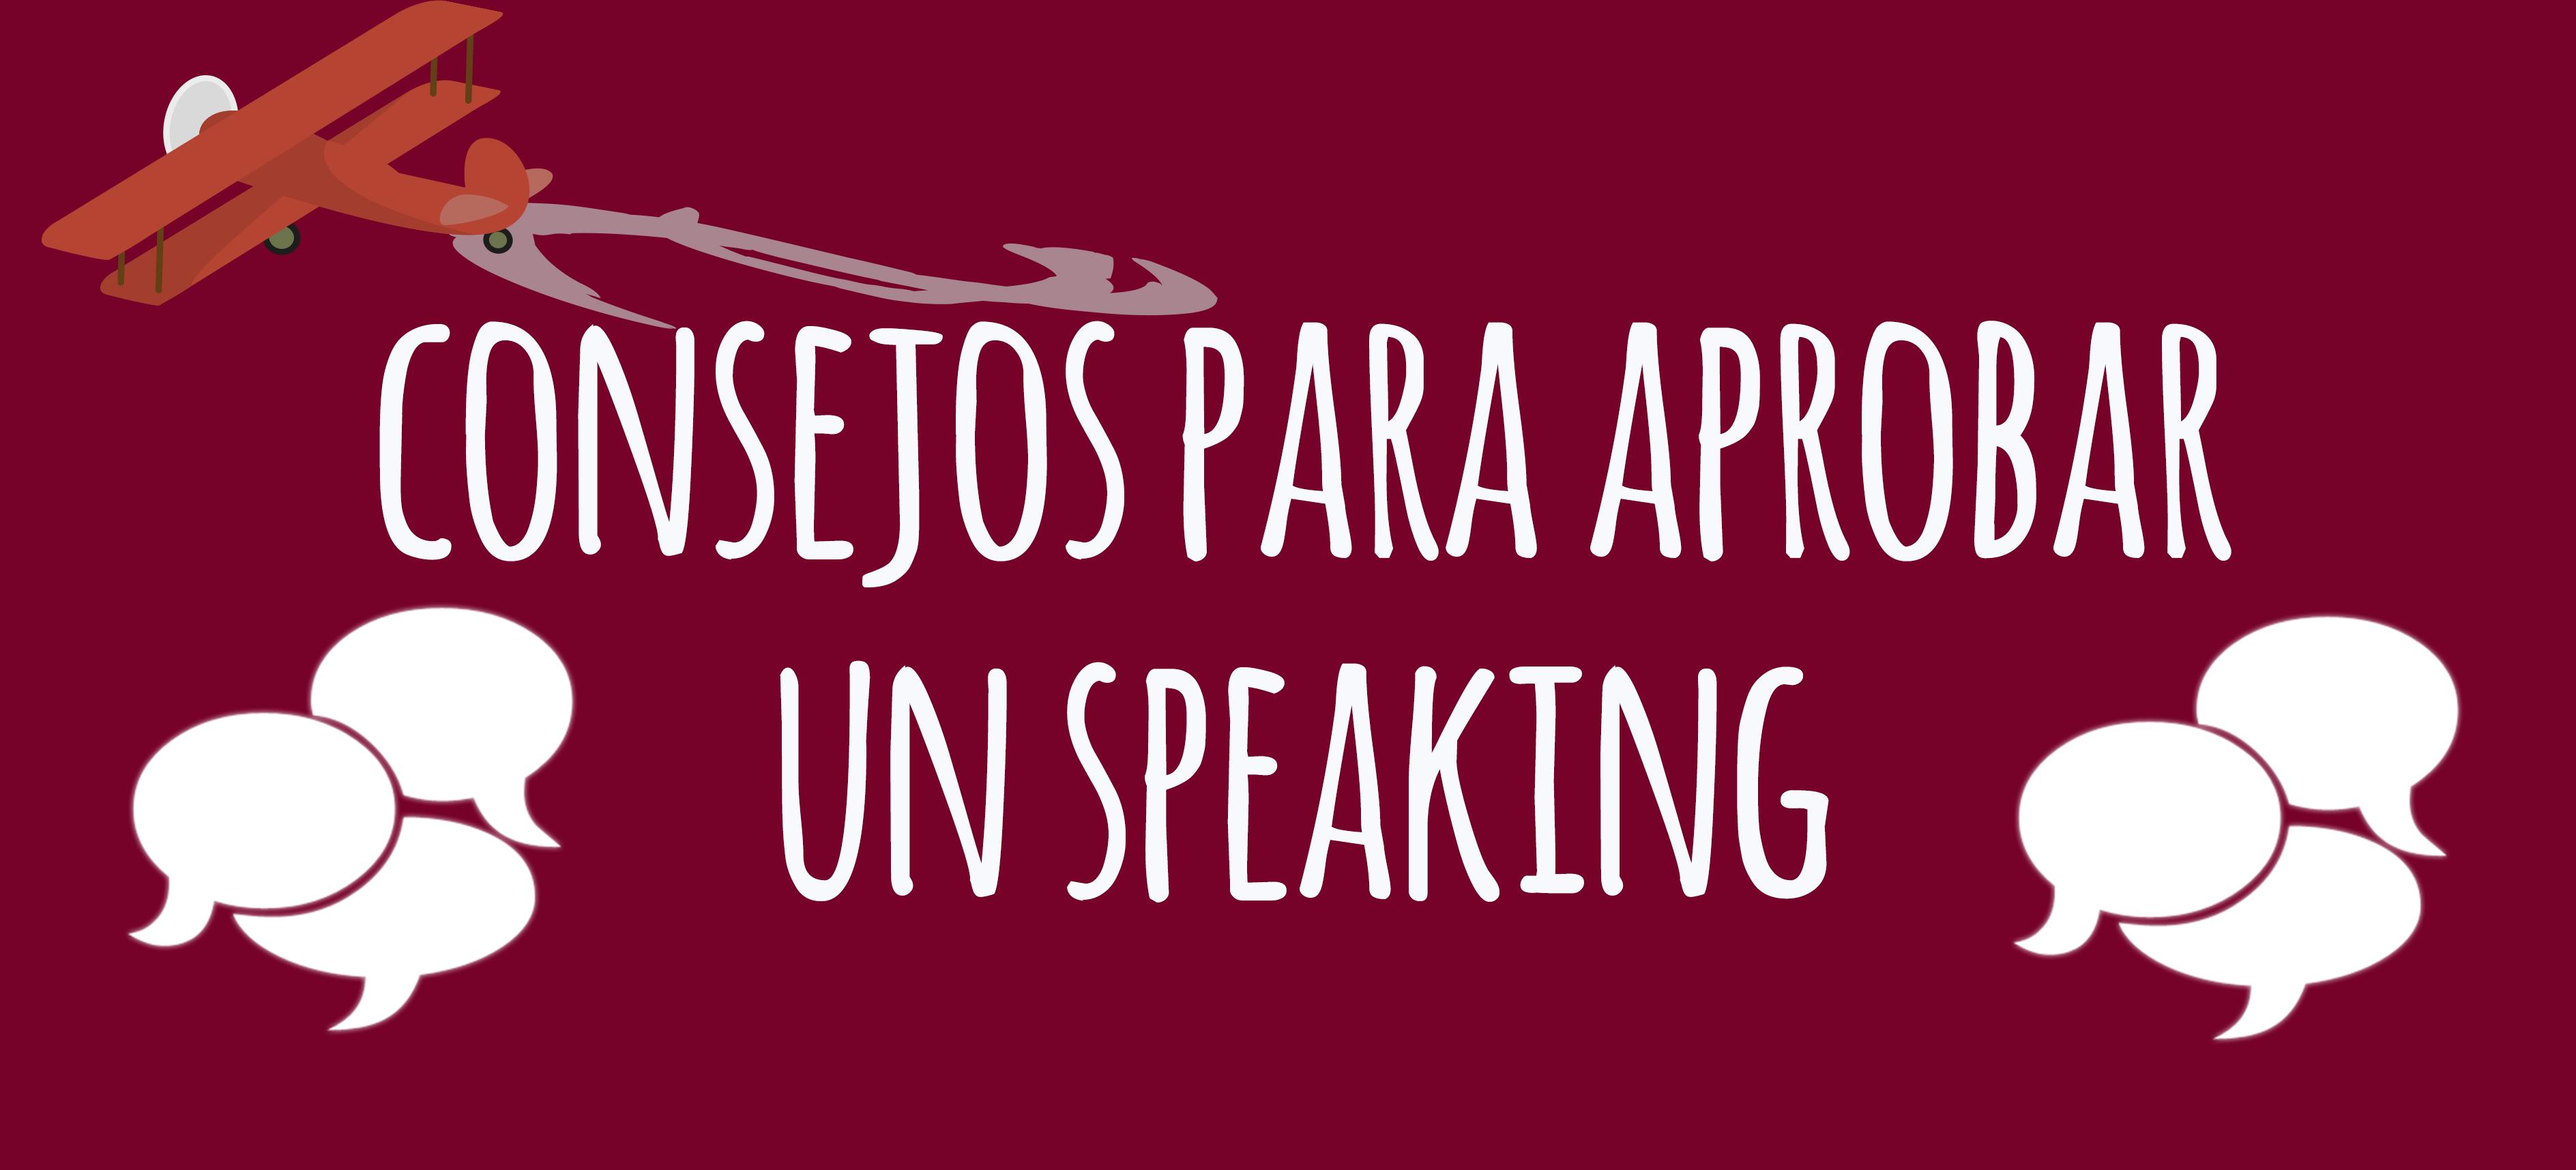 CONSEJOS PARA APROBAR UN SPEAKING